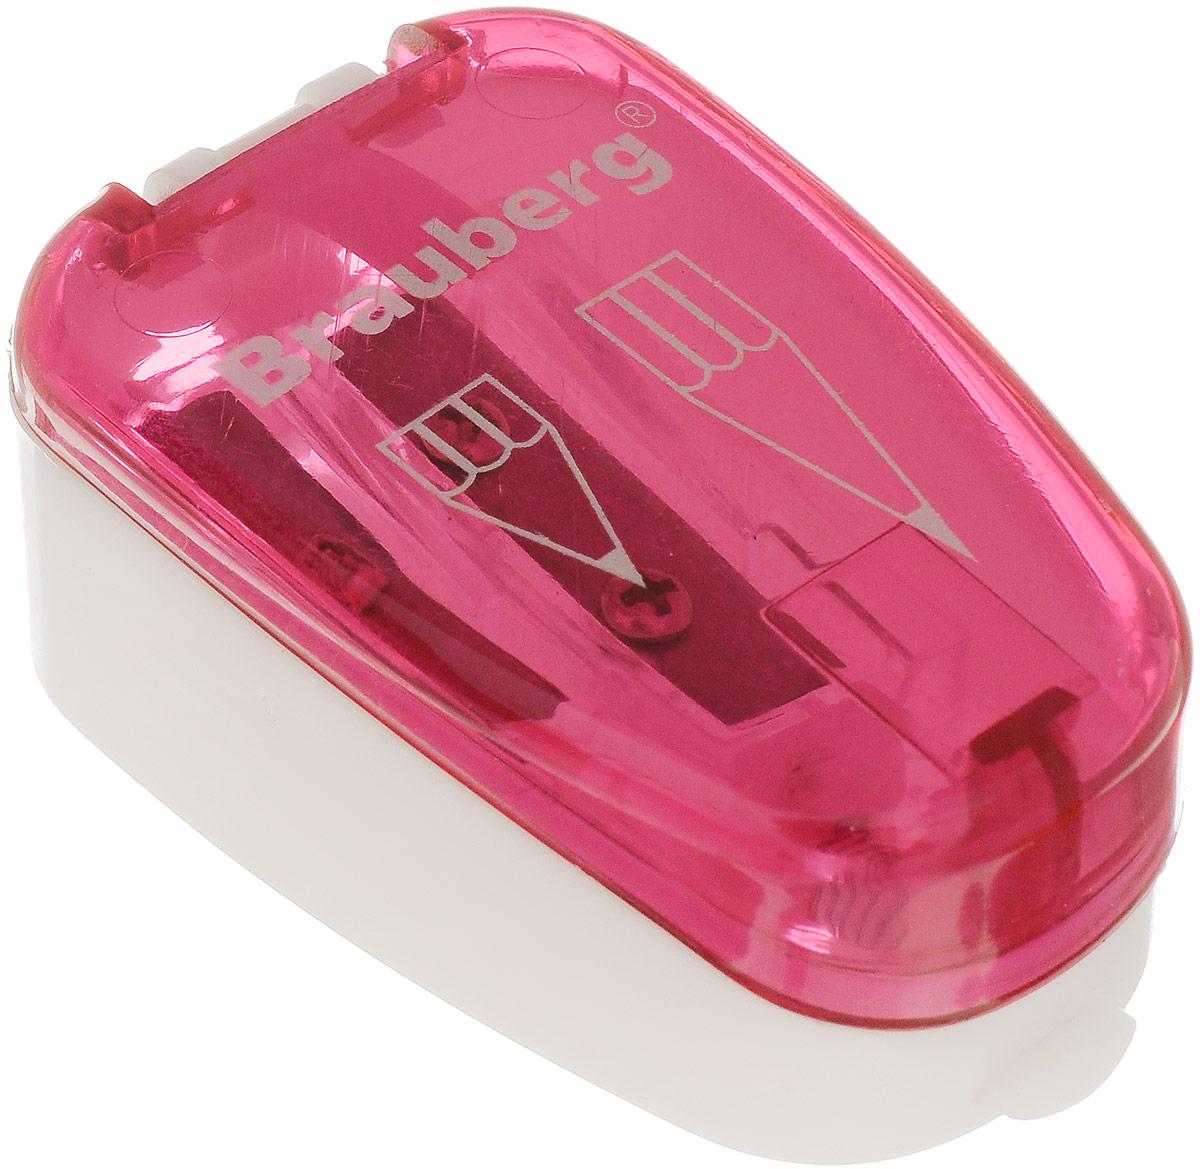 Brauberg Точилка двойная Jax с контейнером цвет розовый222496_розовыйТочилка двойная Brauberg Jax с контейнером для разного вида заточки: острая и круглая. Качественное стальное лезвие обеспечивает легкое равномерное затачивание. Контейнер для стружки изготовлен из тонированного цветного пластика.